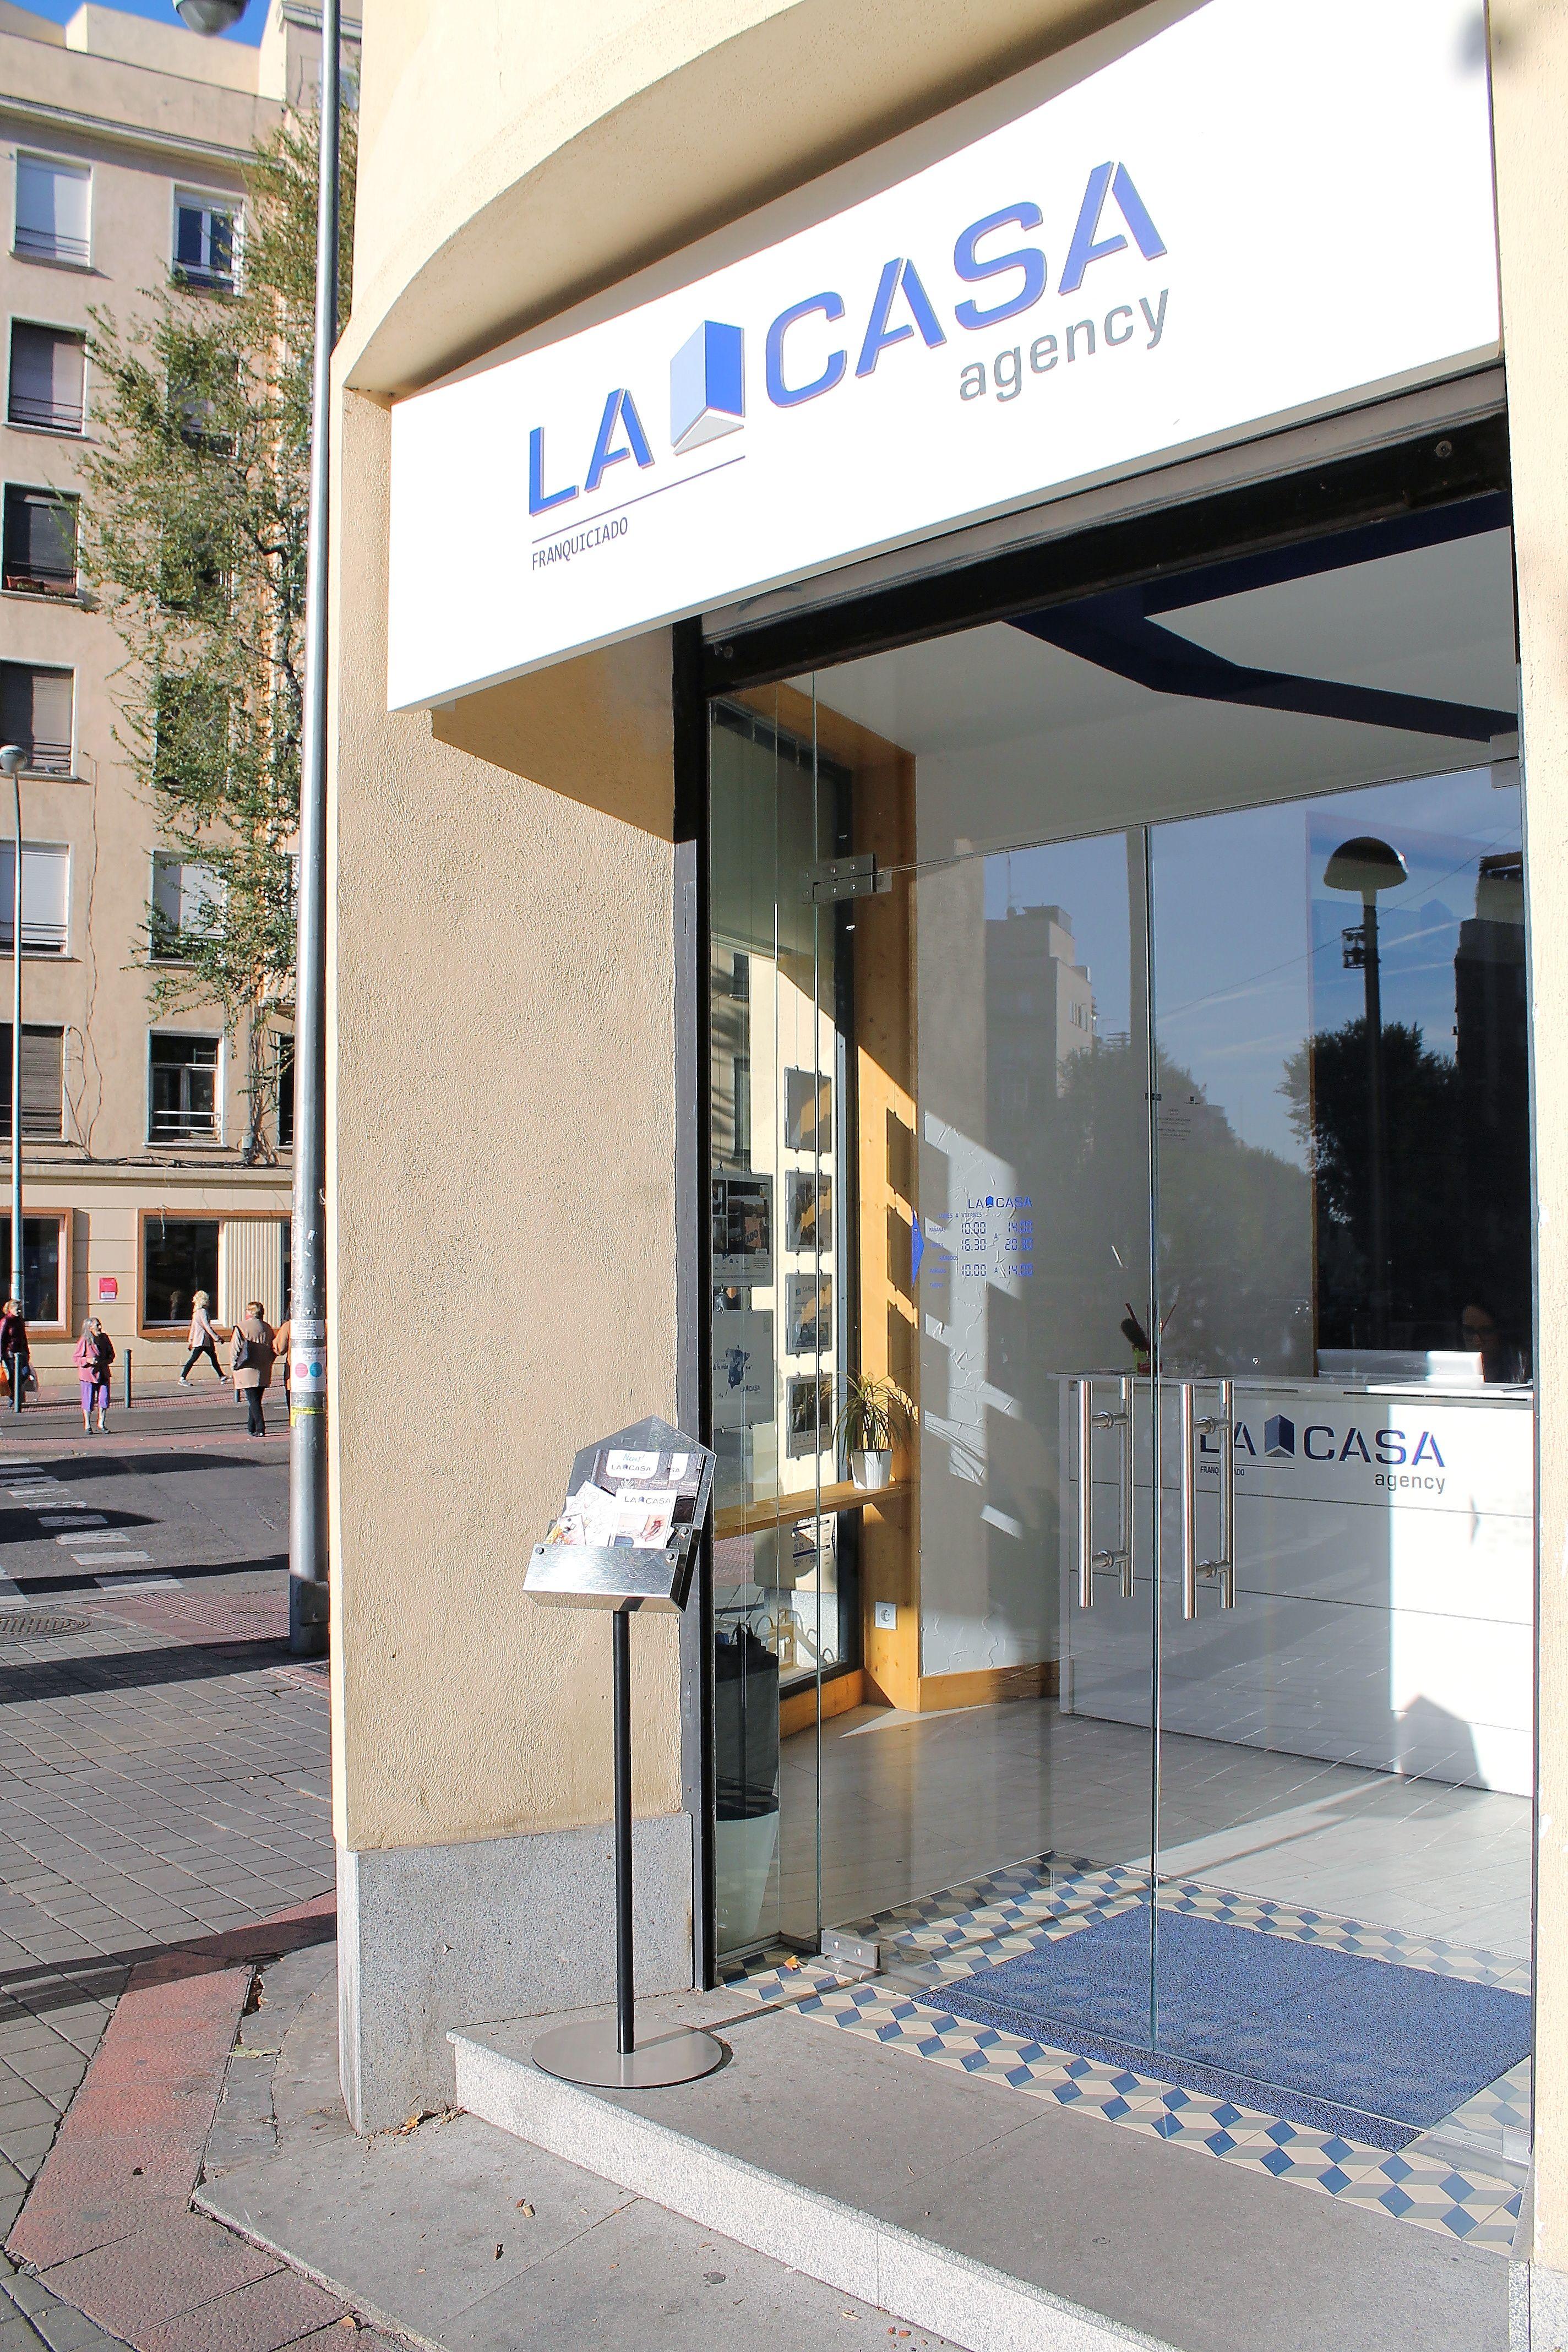 Comprar casa en Arganzuela, Madrid